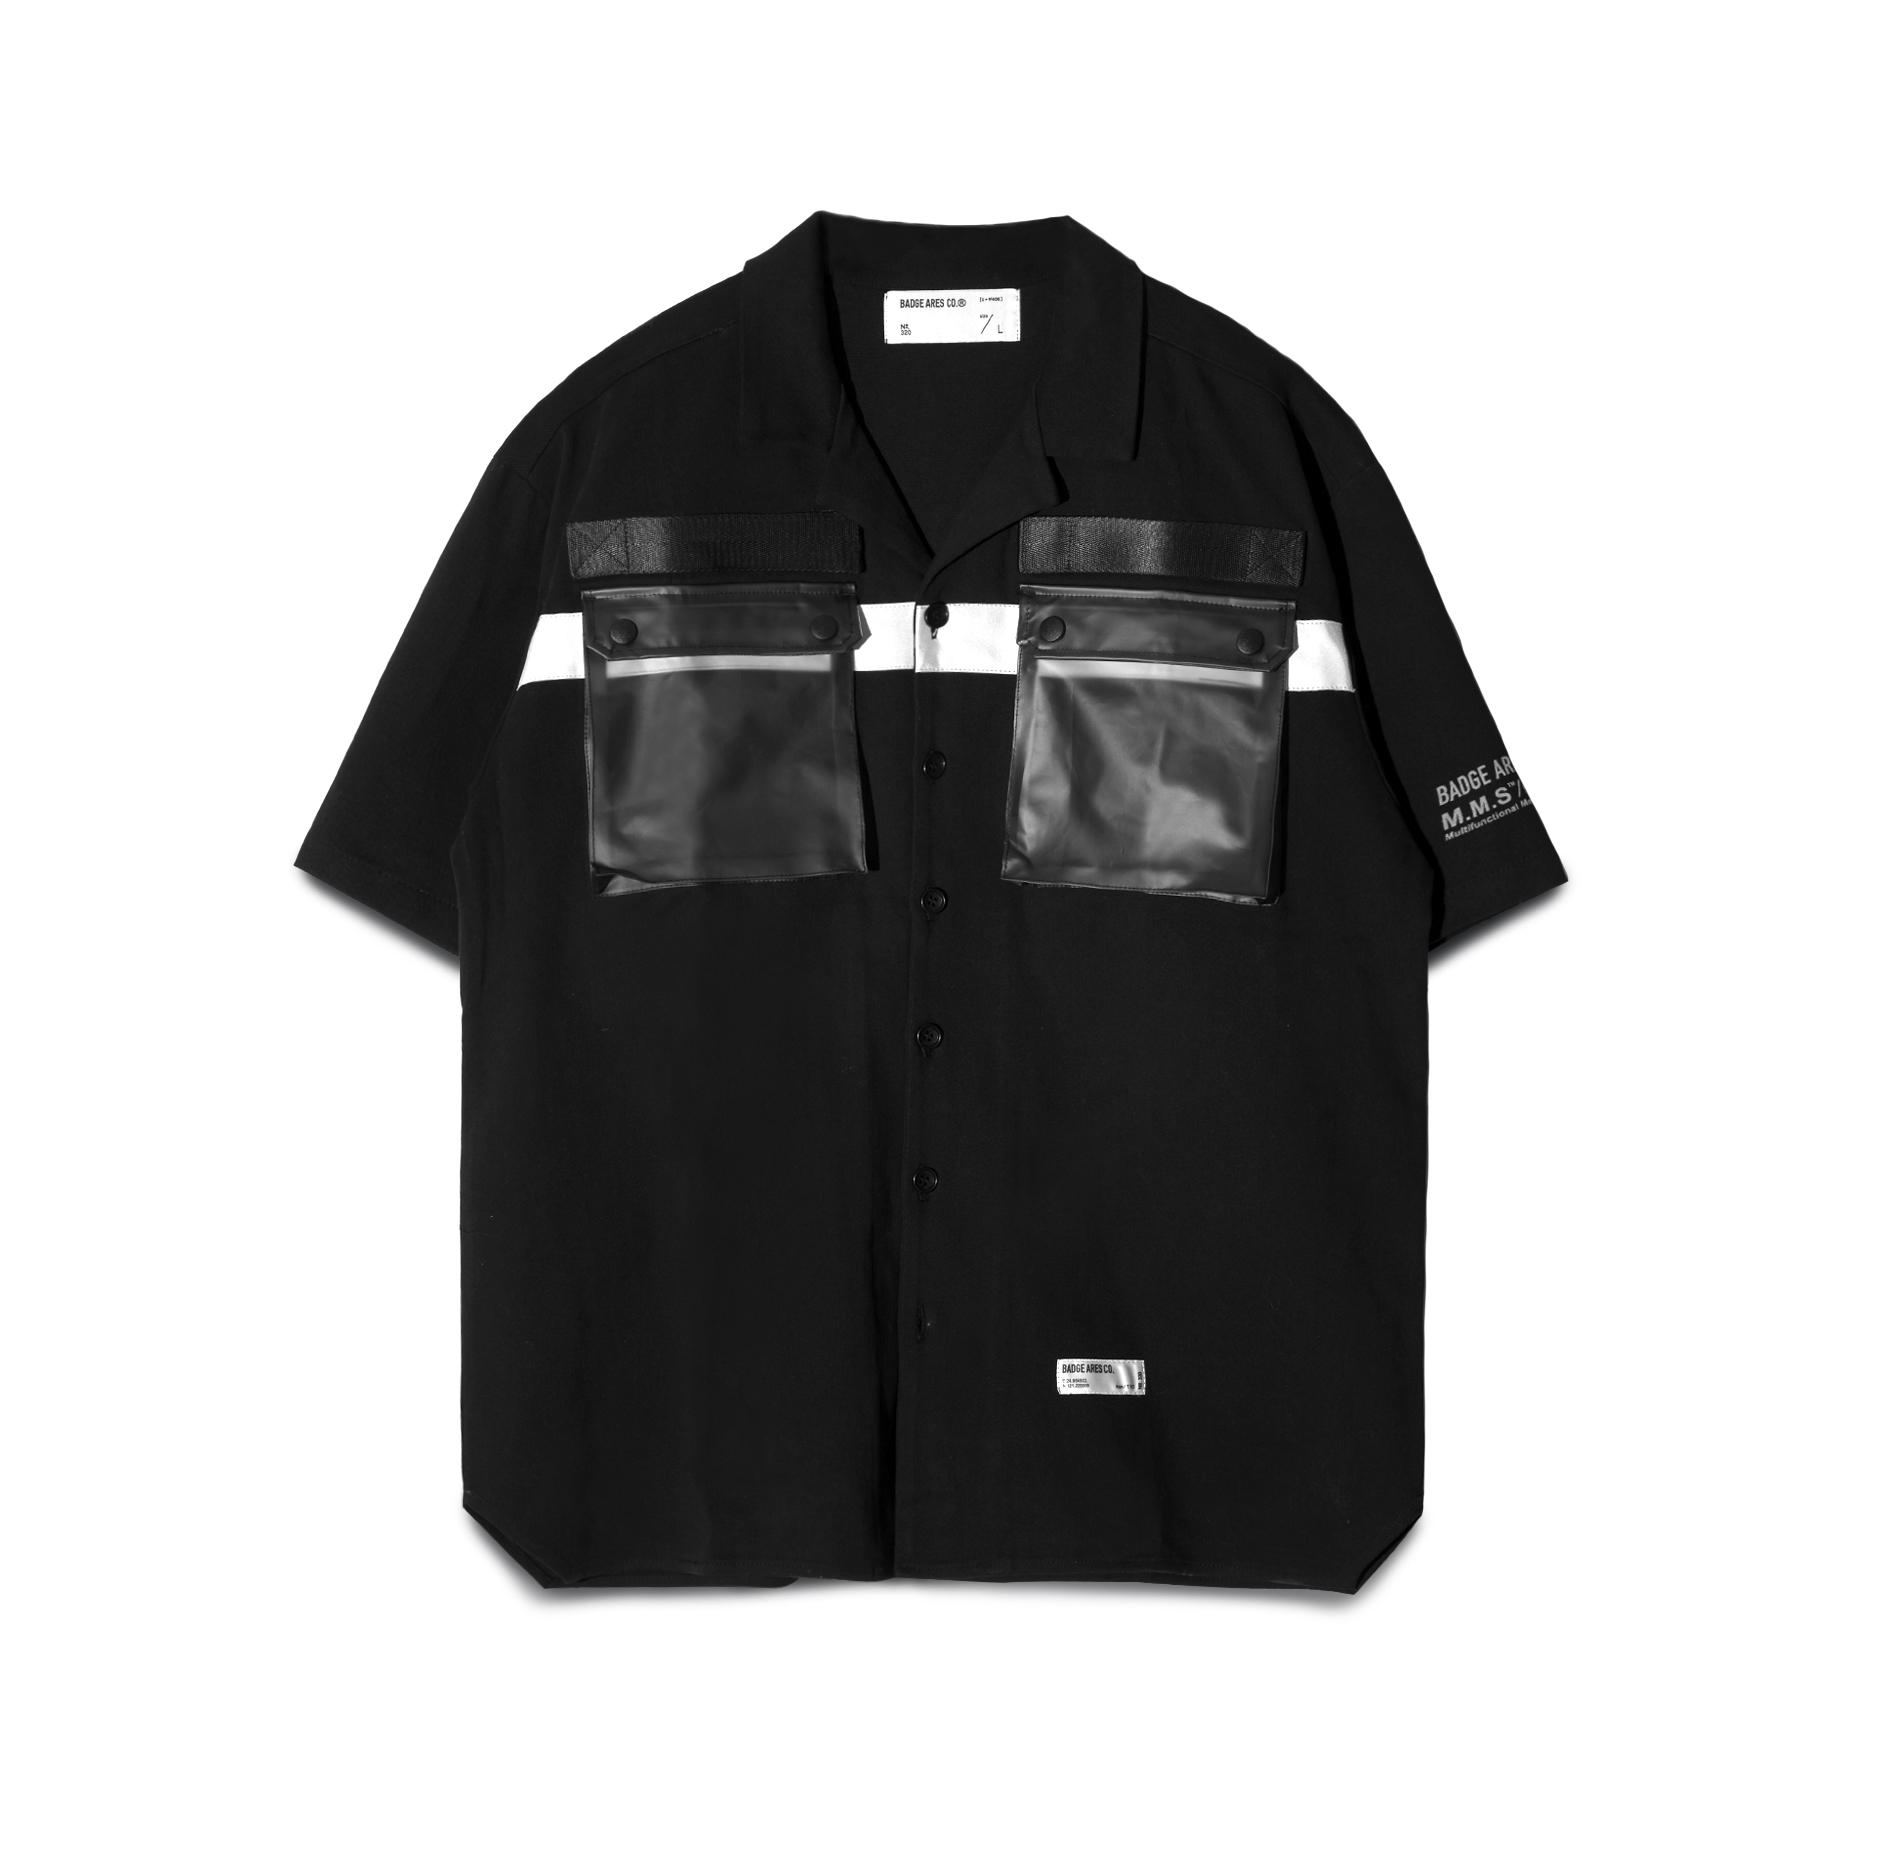 模組化織帶短袖襯衫_黑01.jpg